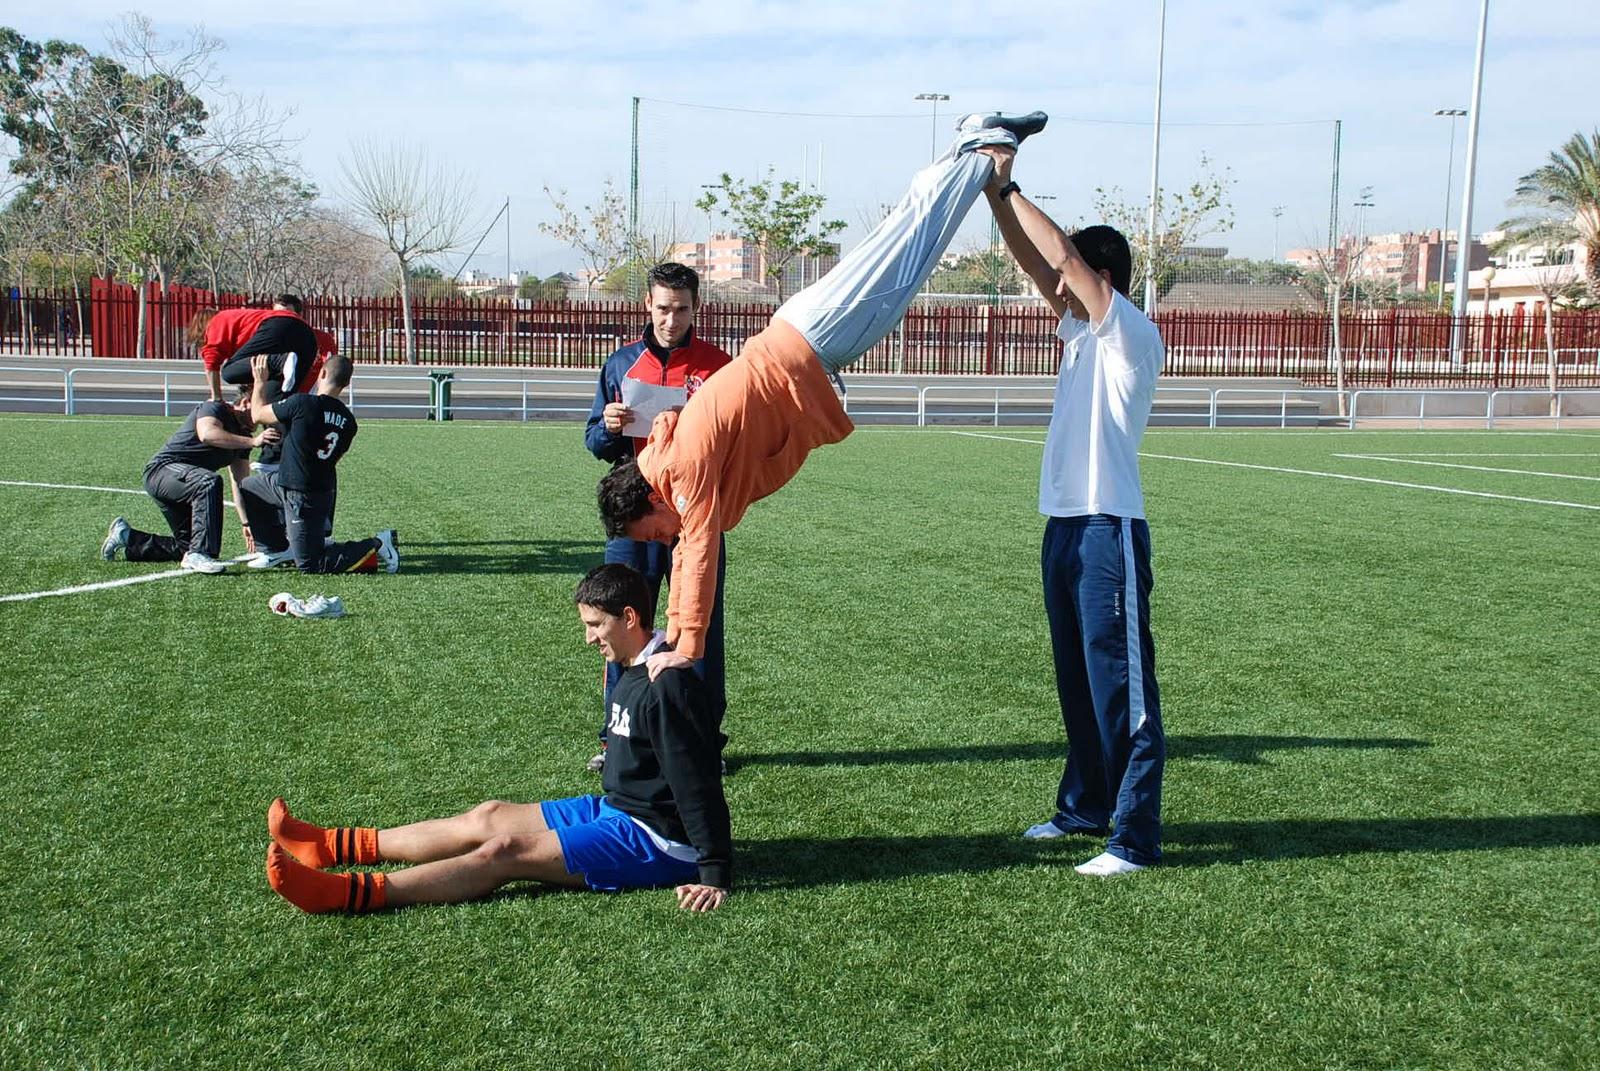 ejercicios y juegos aplicados a las actividades gimnasticas: